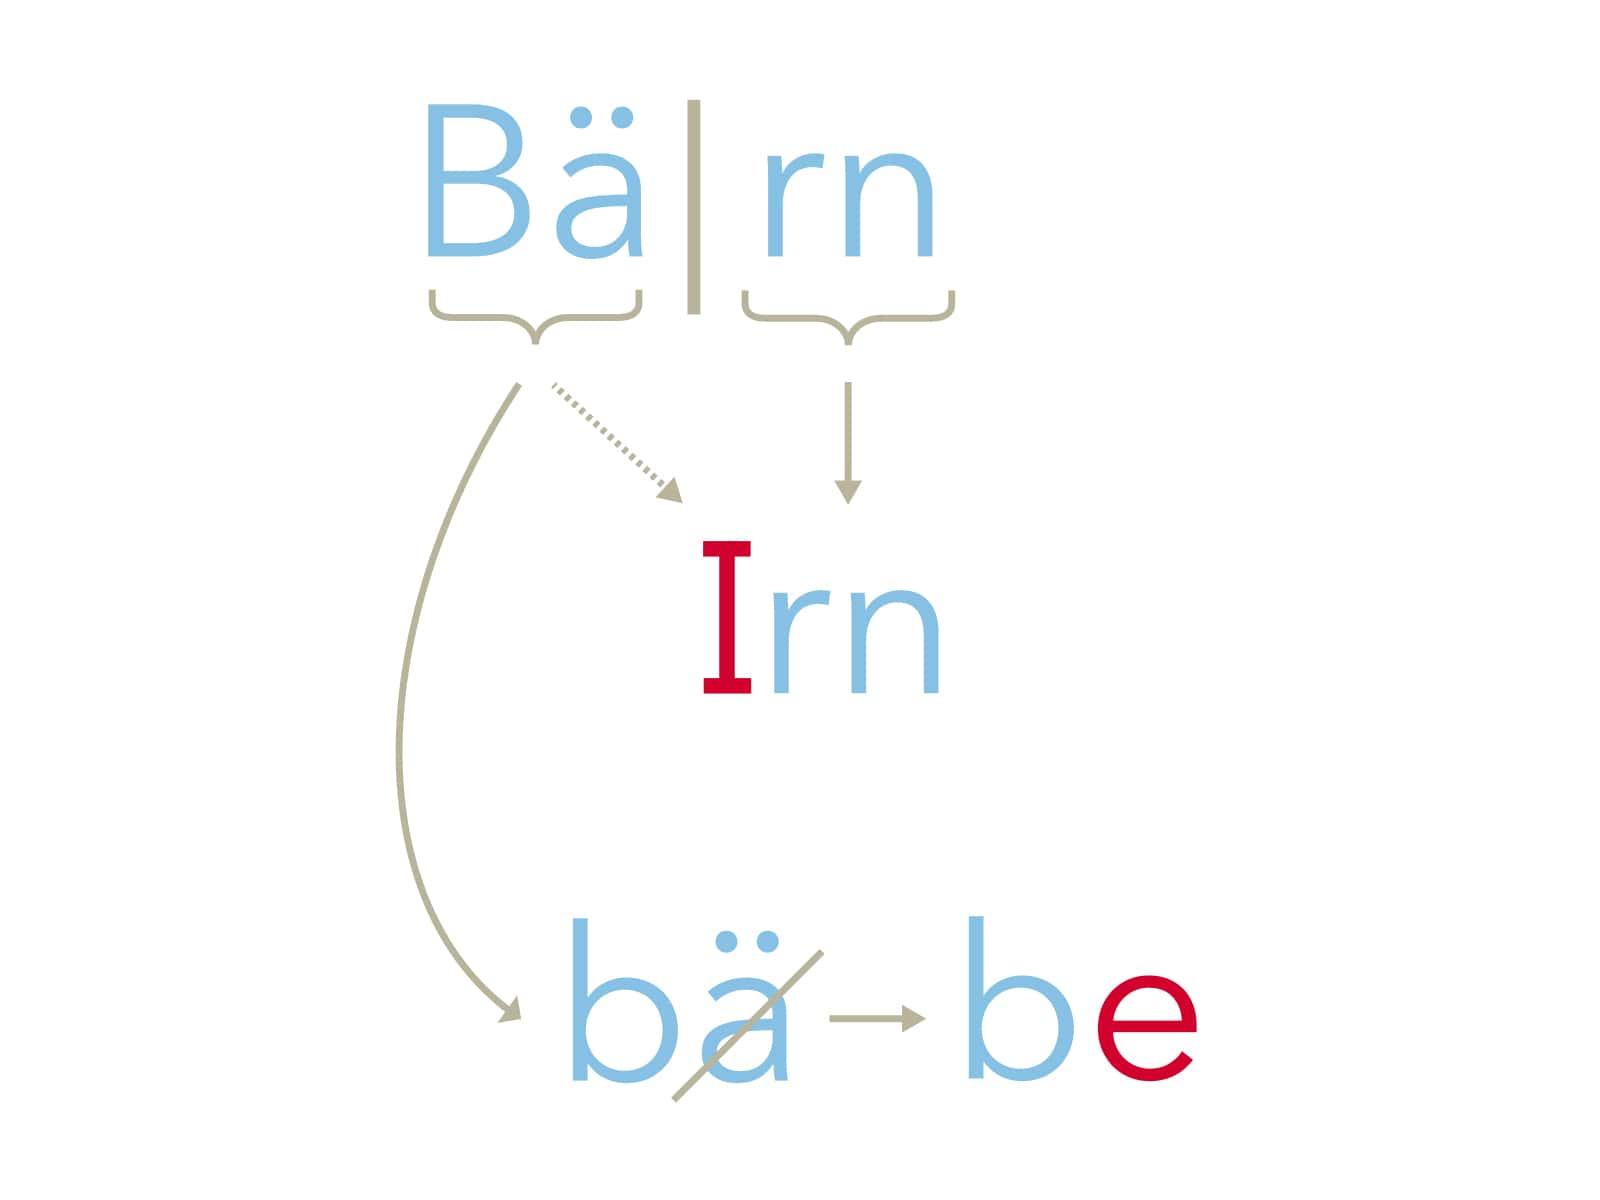 Matteänglisch: Bern, Schritt 4